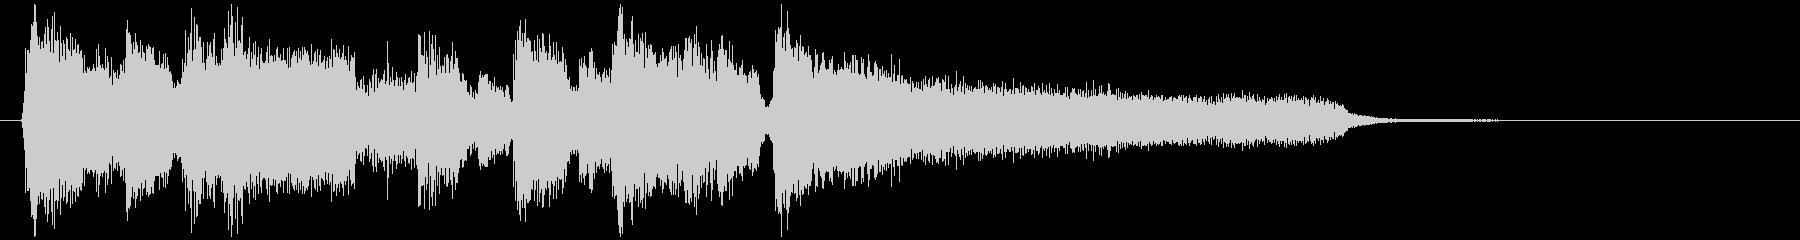 滑らかミディアムスイングのジャズジングルの未再生の波形